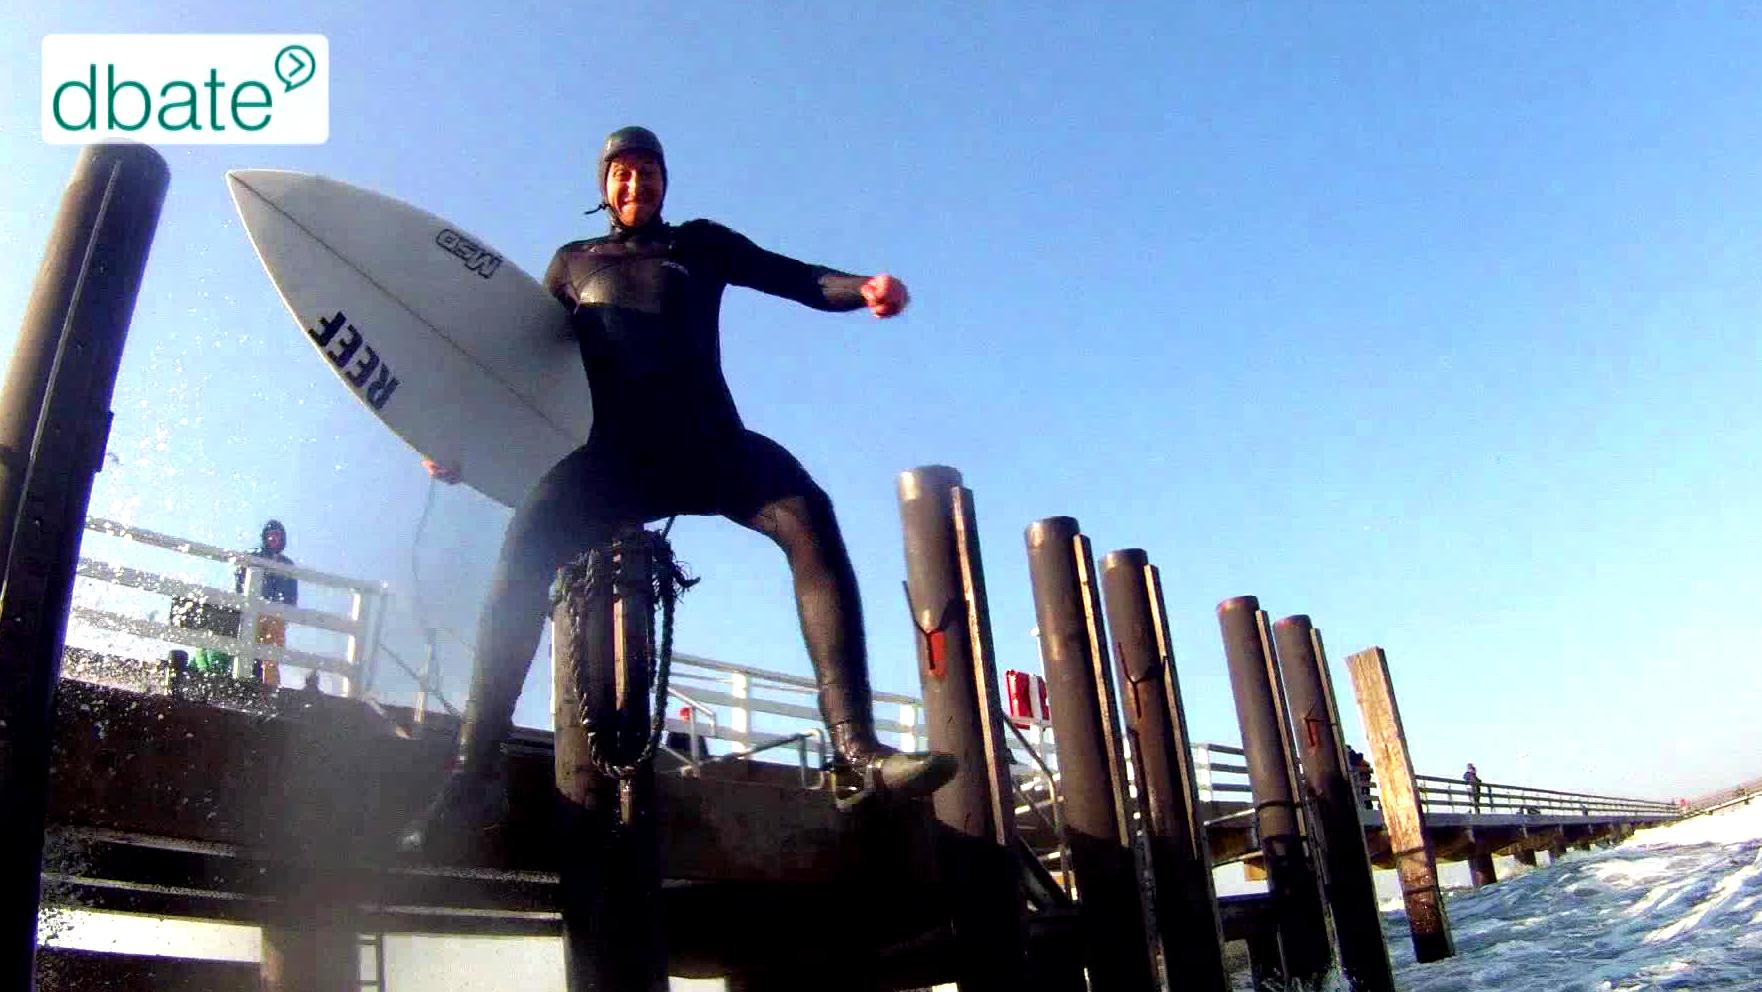 Ein Surfer springt in Neoprenanzug ins Wasser.